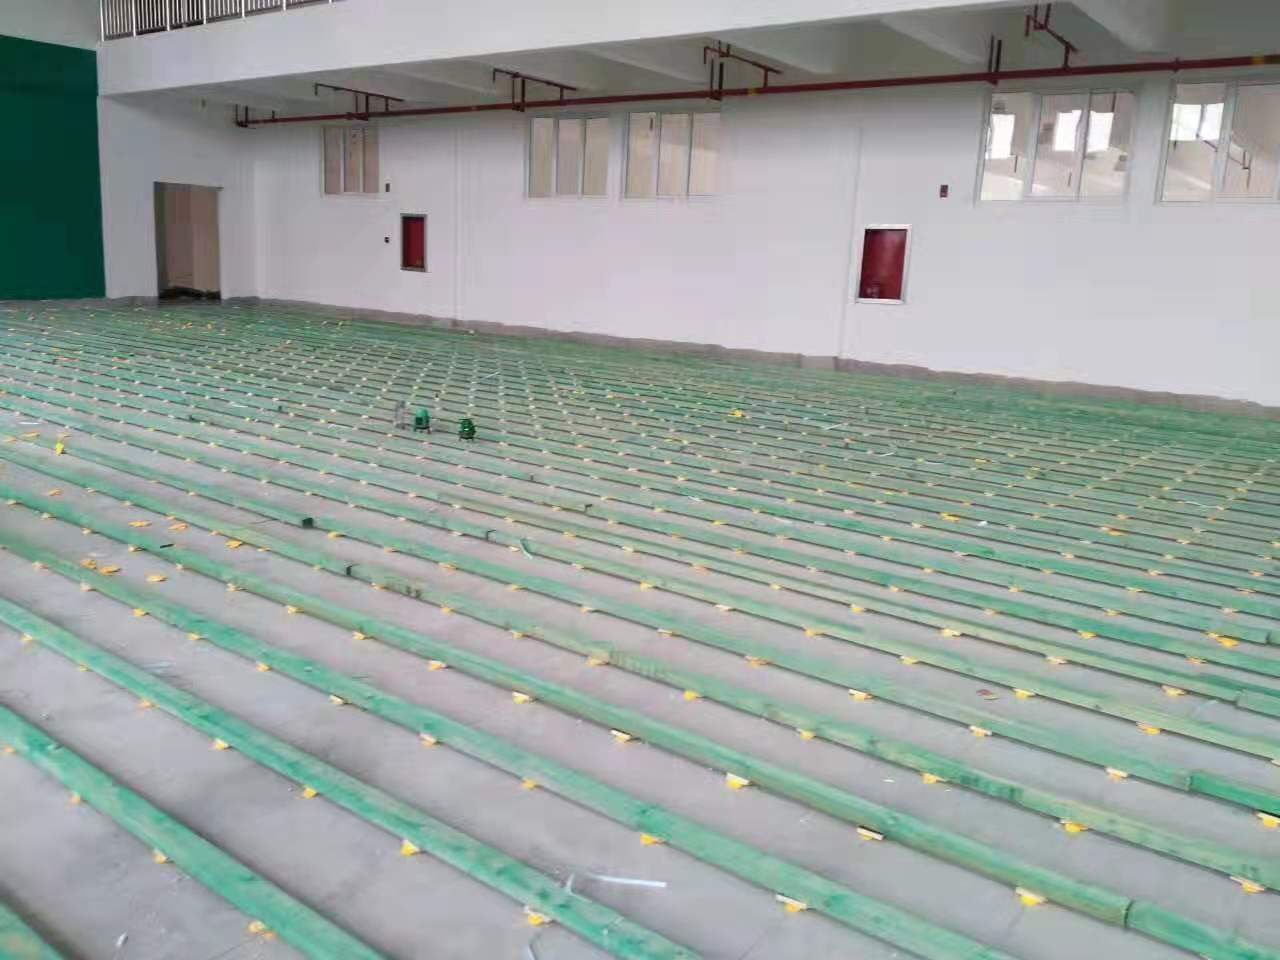 蚌埠篮球馆体育馆运动木地板翻新厂